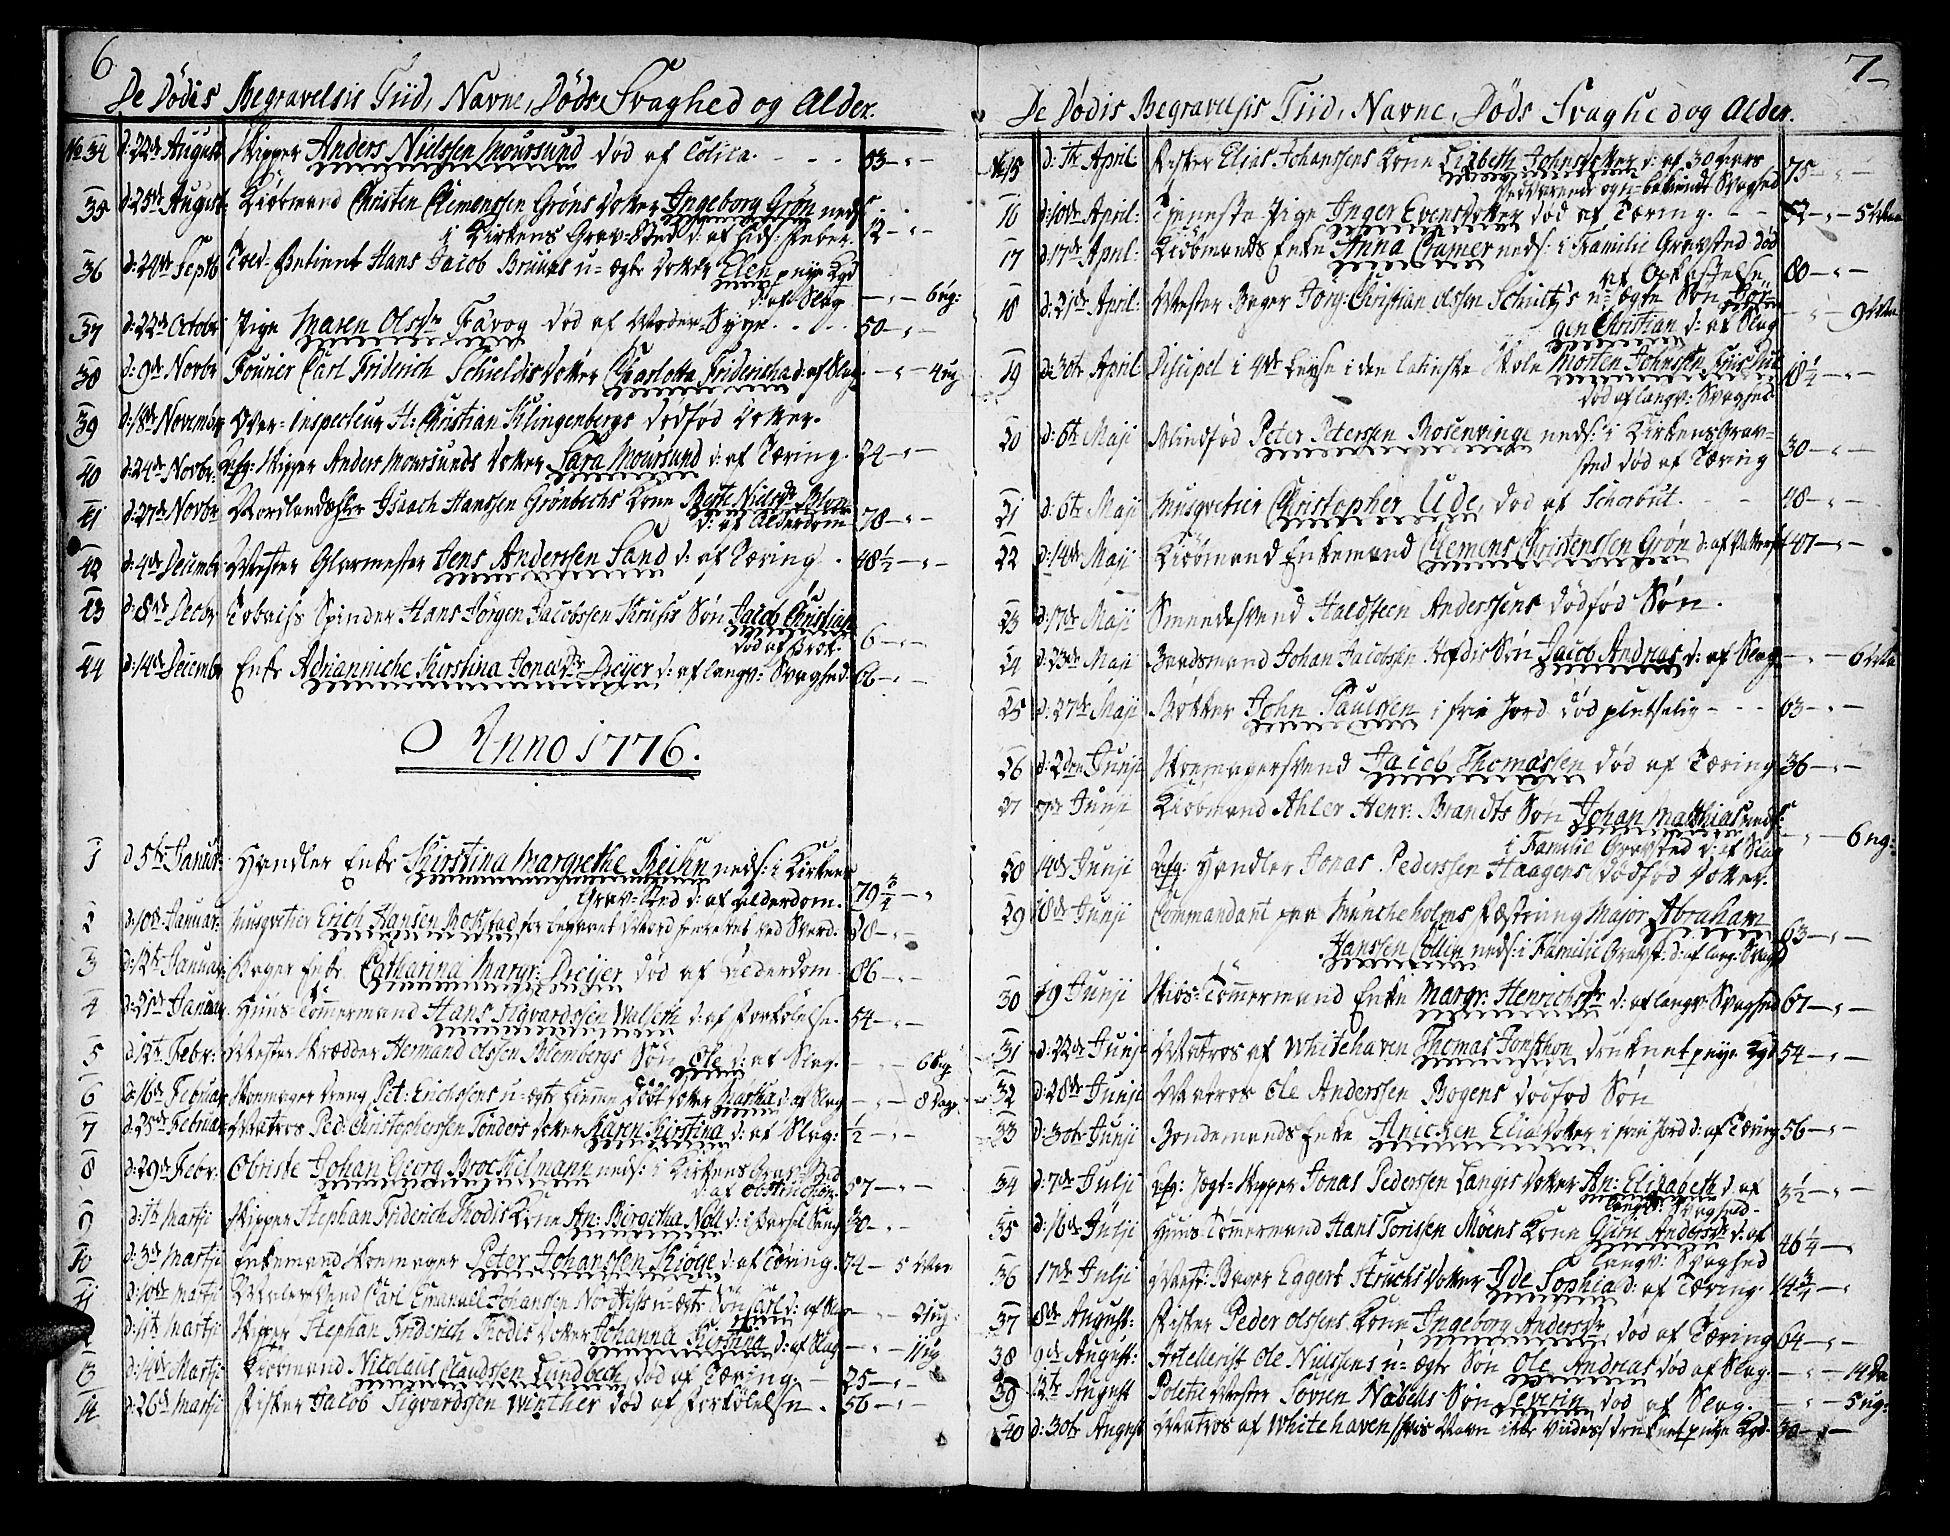 SAT, Ministerialprotokoller, klokkerbøker og fødselsregistre - Sør-Trøndelag, 602/L0106: Ministerialbok nr. 602A04, 1774-1814, s. 6-7